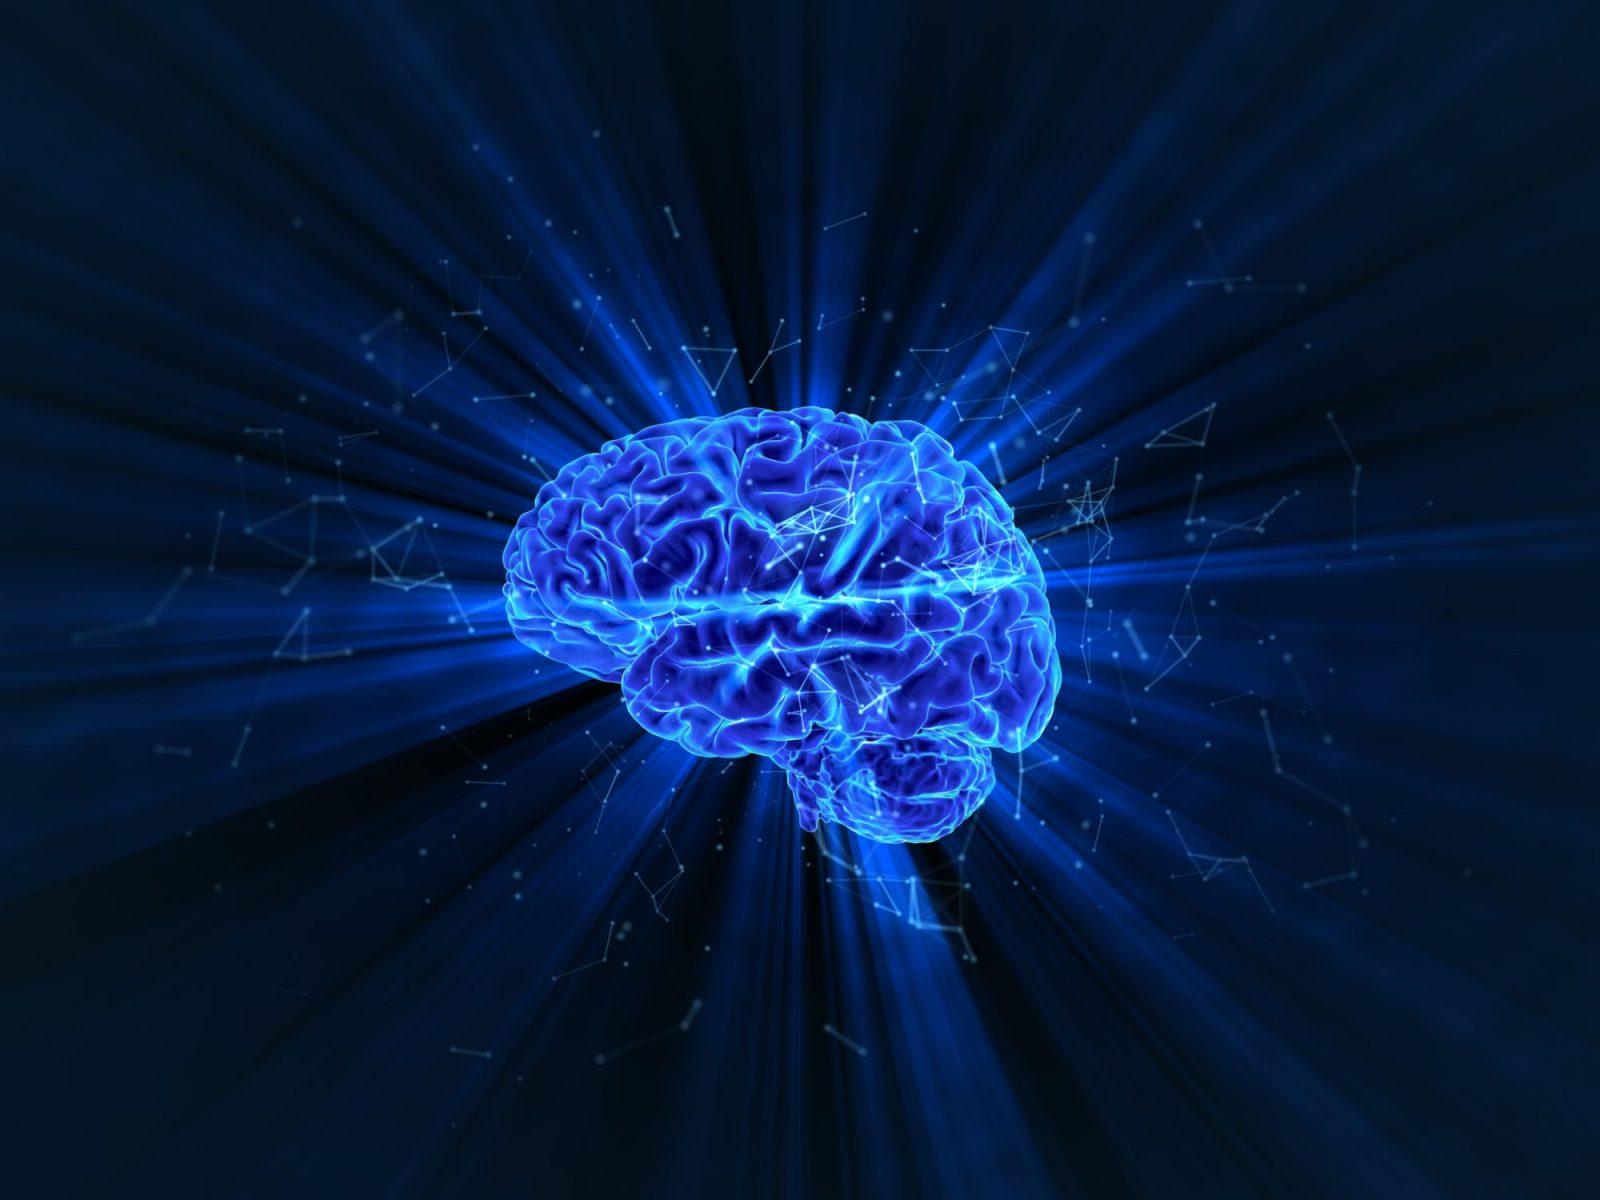 Νευρολογικές διαταραχές: Κάποιες από τις πιο ενδιαφέρουσες